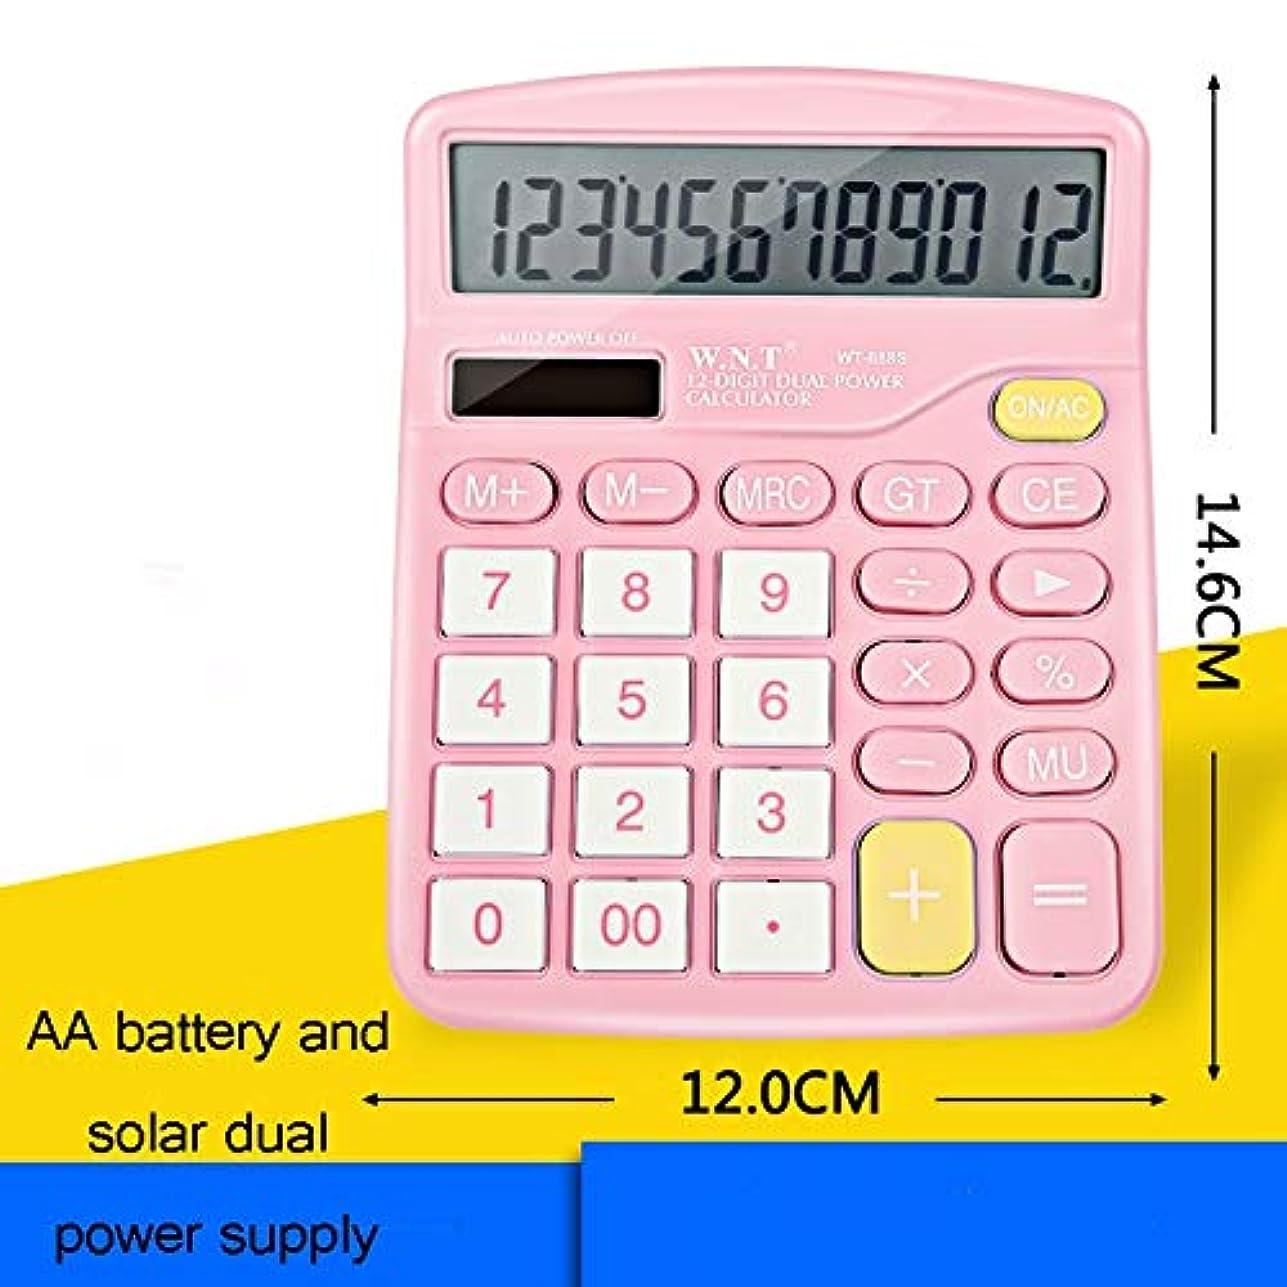 リブスロット悲鳴電子計算機 デスクトップ計算機 デスクトップ計算機 電子計算機 太陽電池デュアルパワーオフィス計算機 大型LCDモニター 大型LCDモニター 太陽電池デュアルパワーオフィス計算機 P-99 (C)